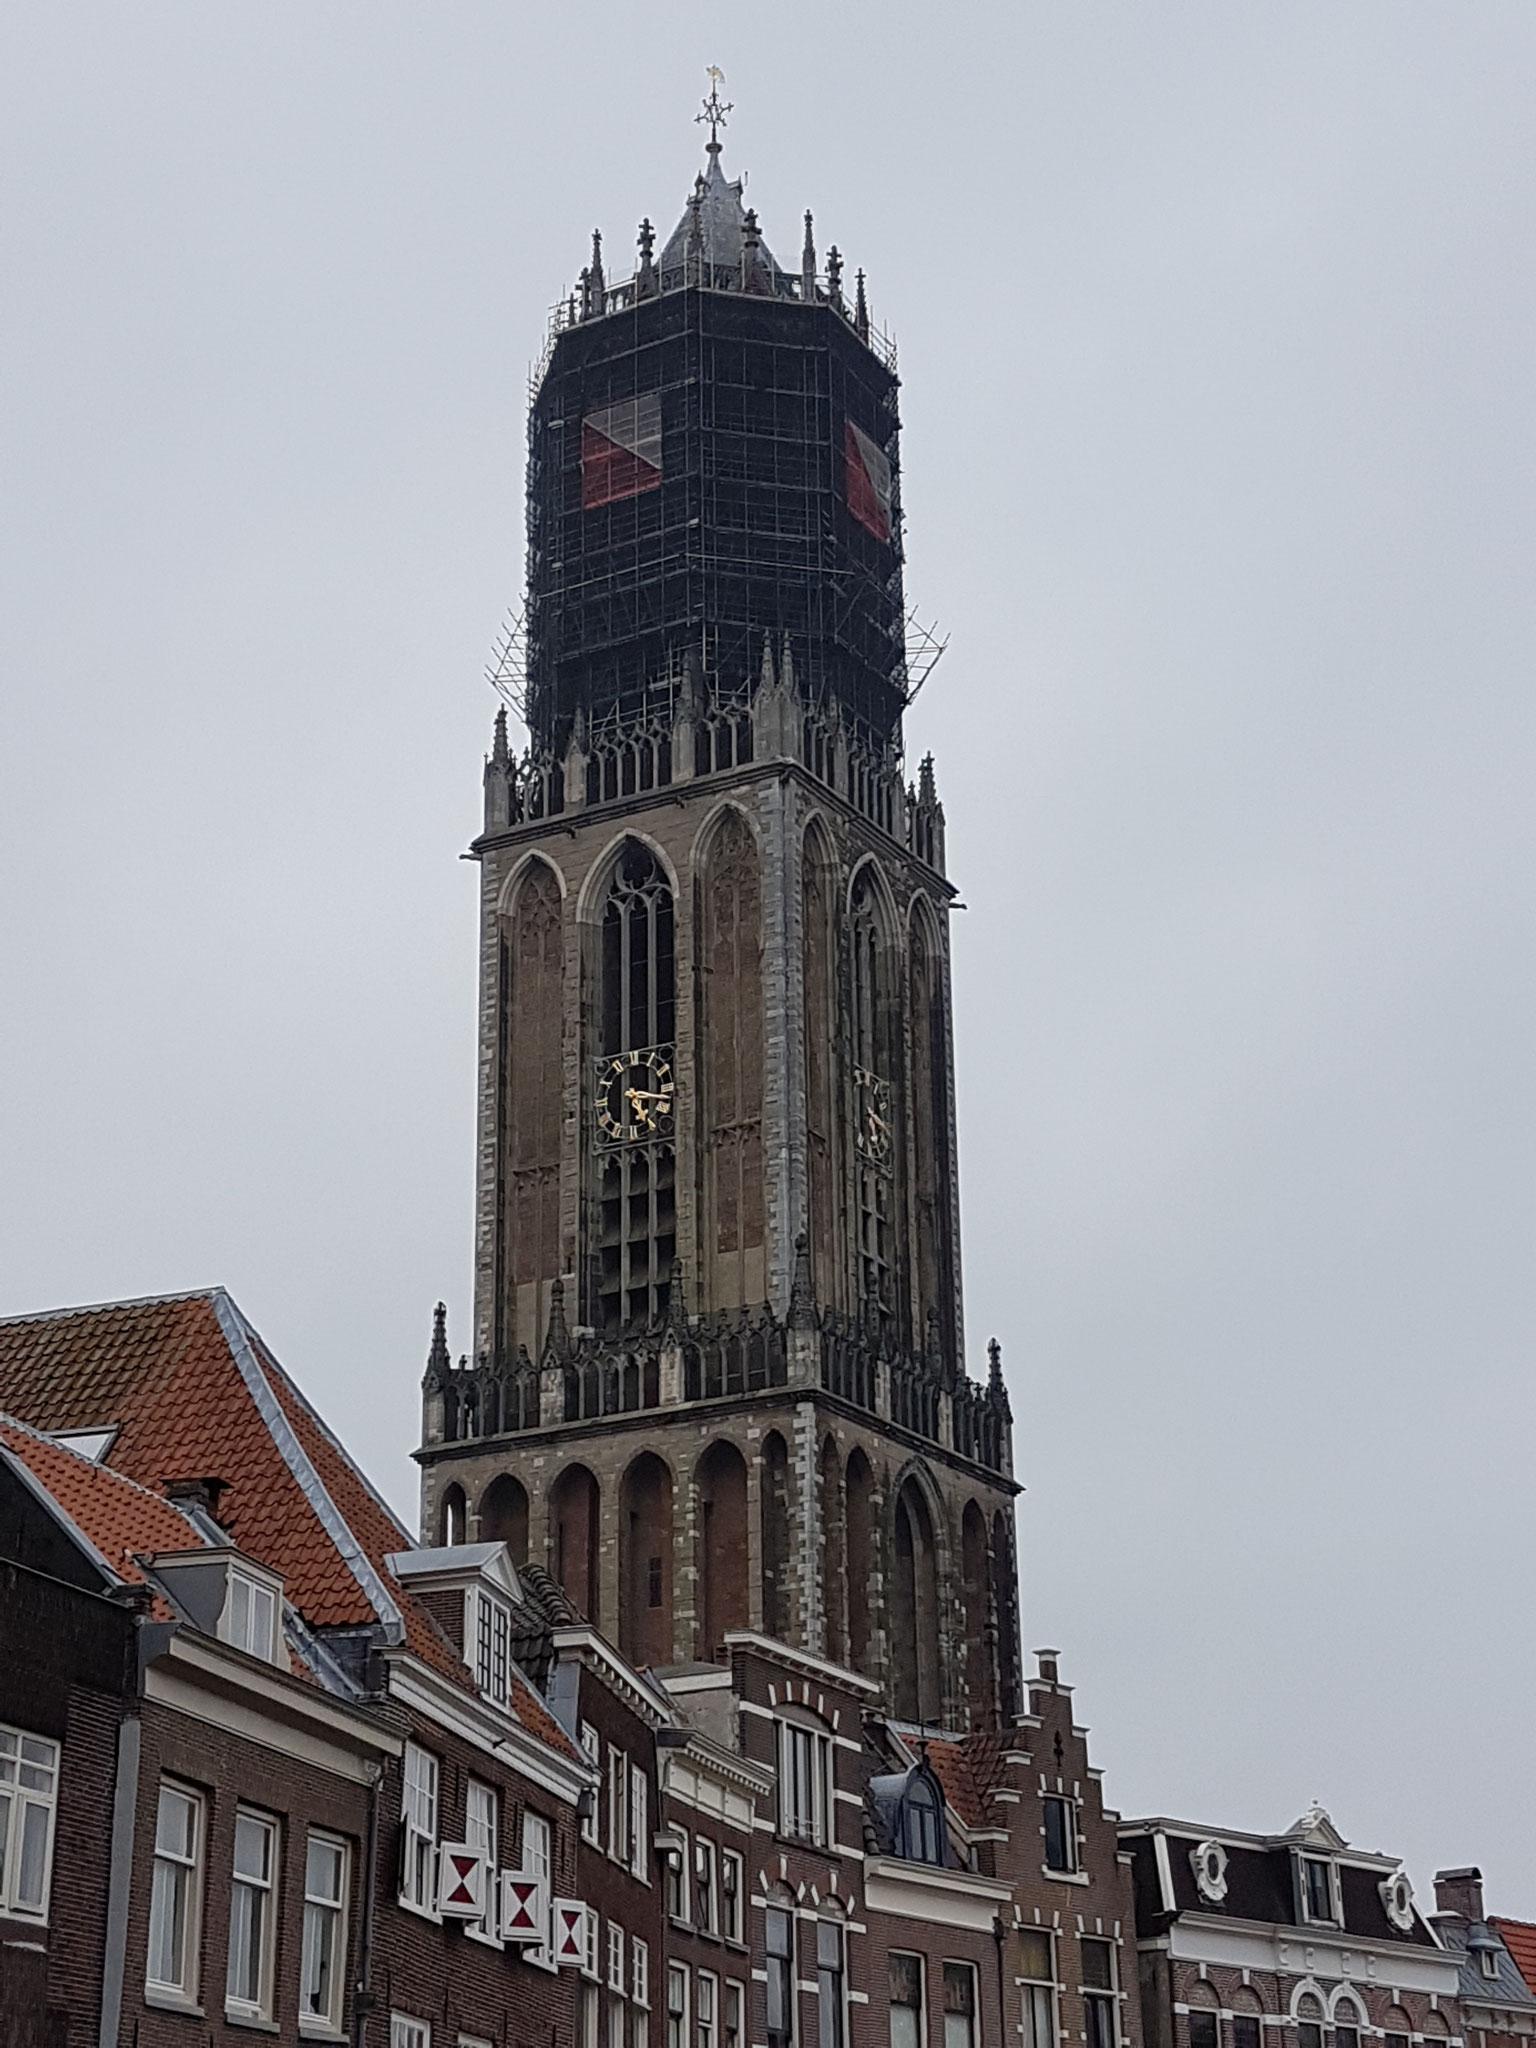 04-18 Dom zu Utrecht